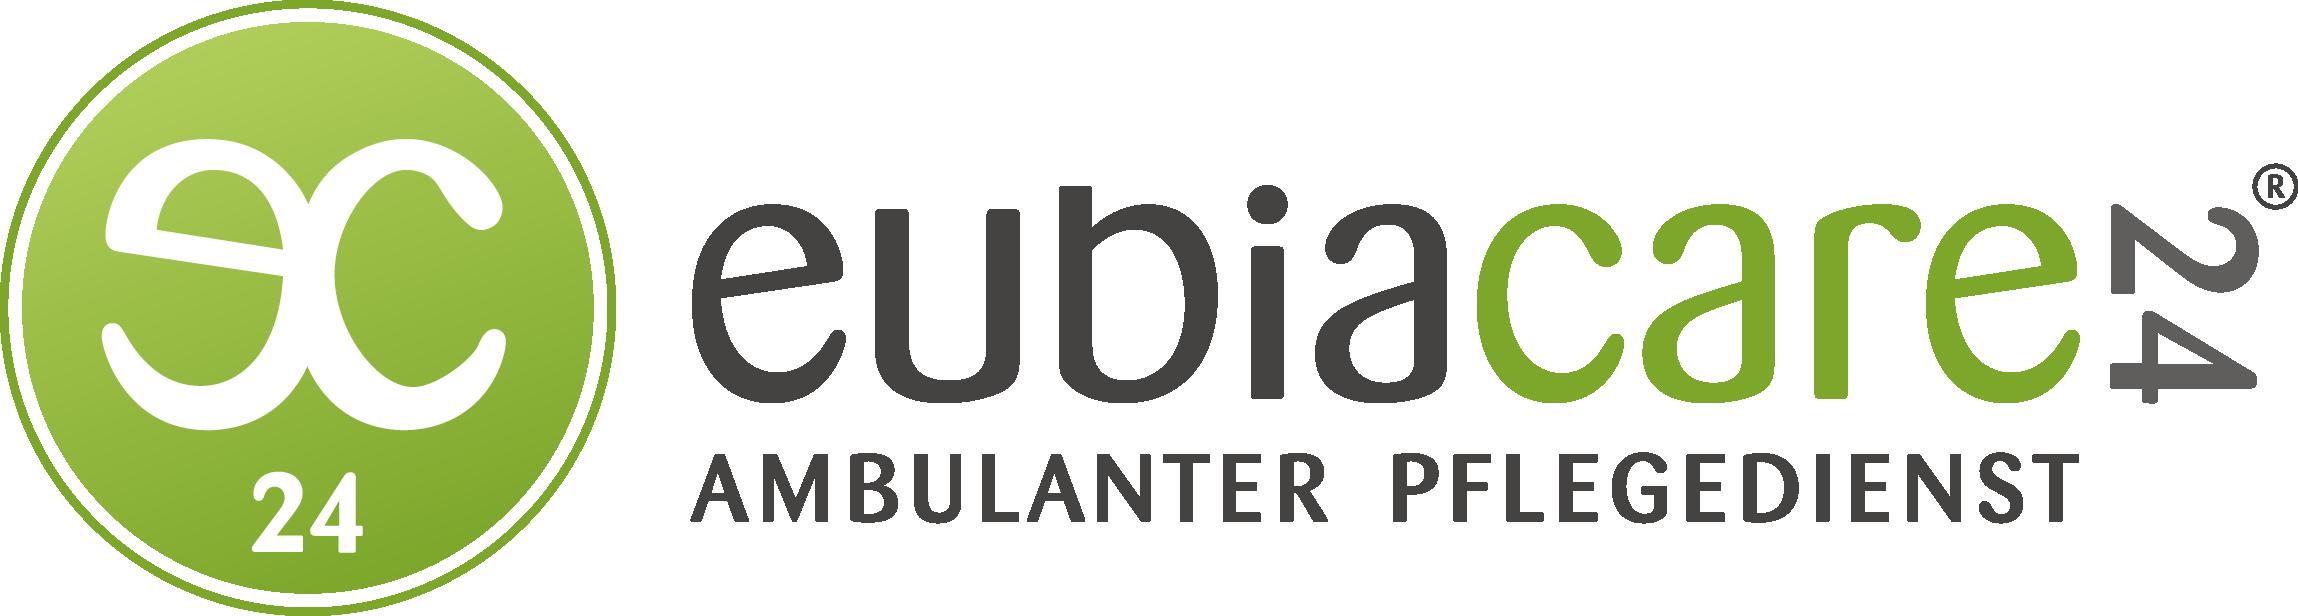 eubiacare24